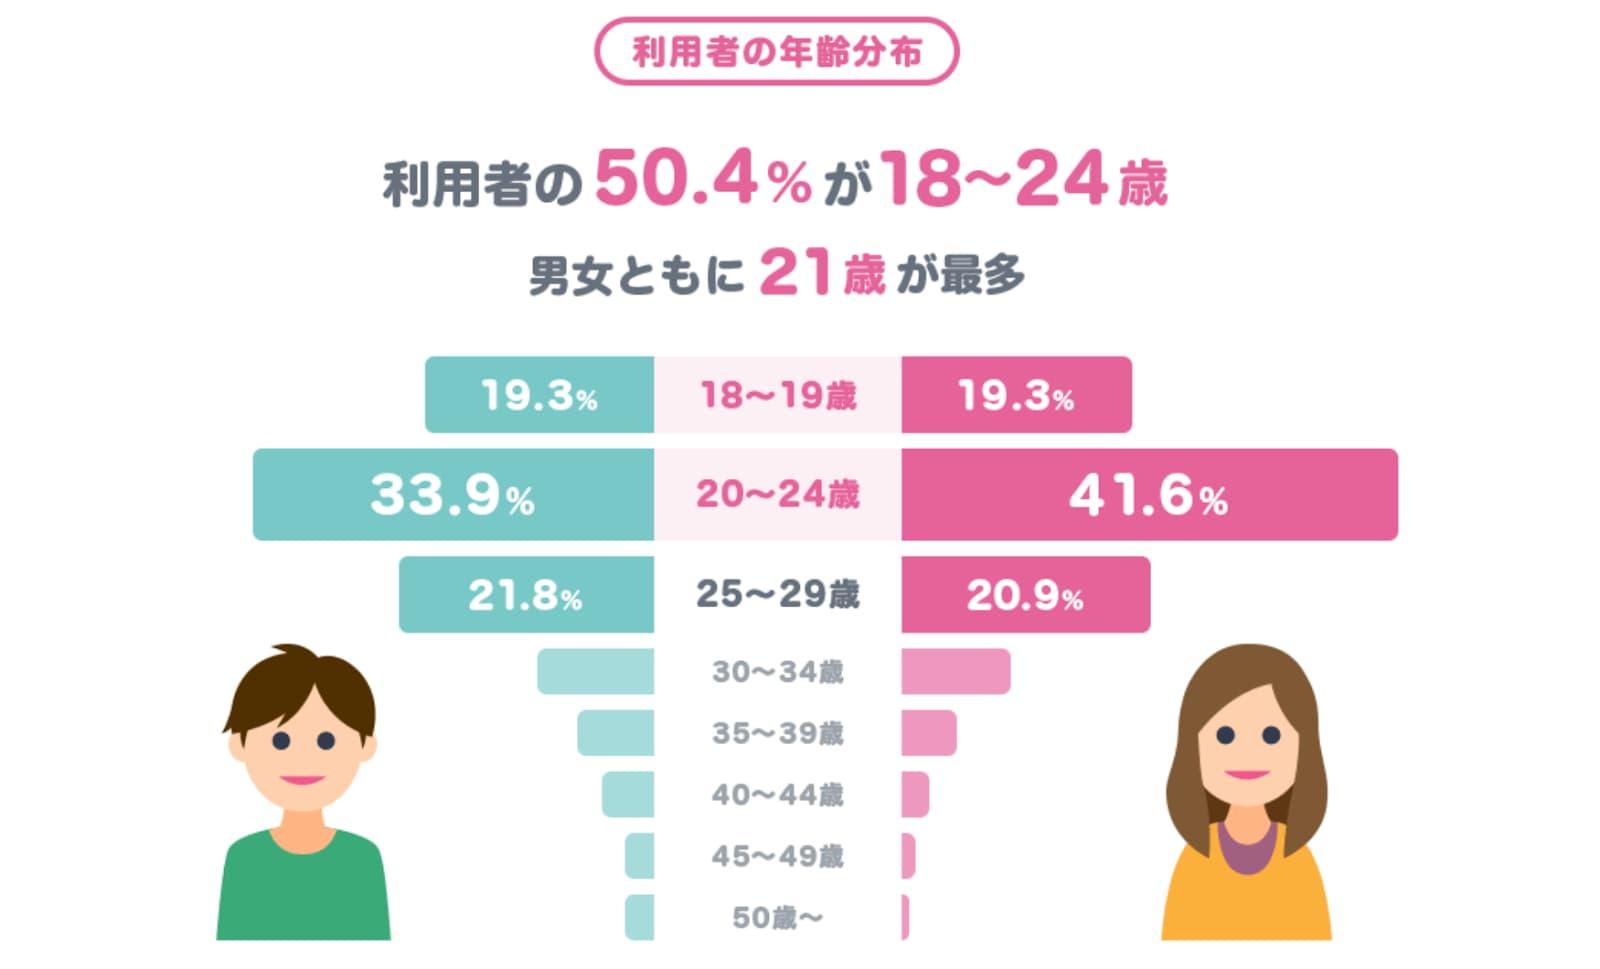 タップル,年齢層分布図